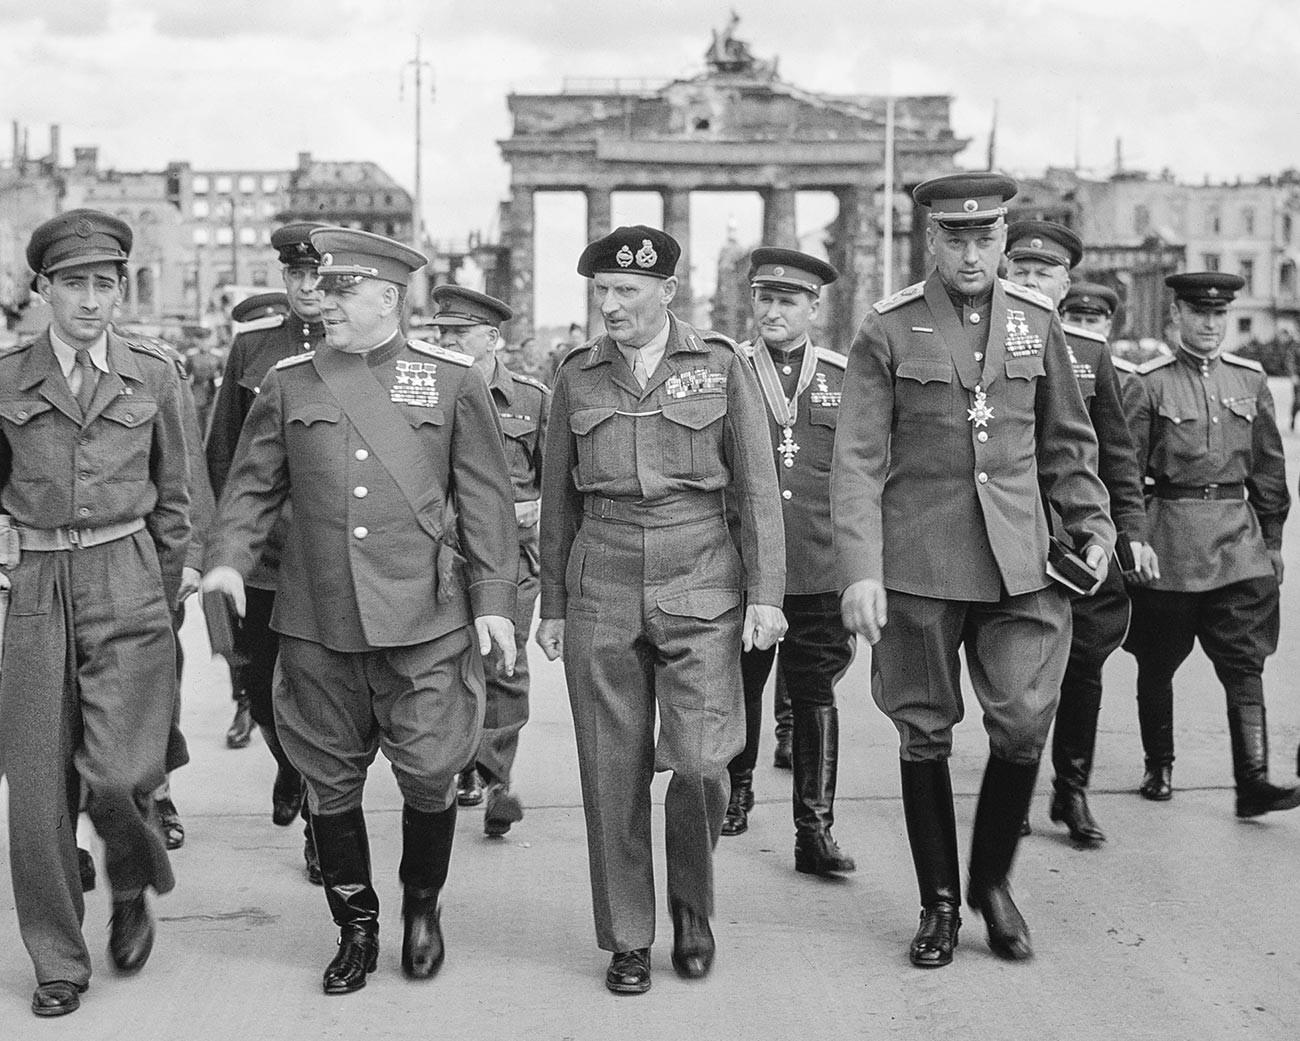 Il maresciallo Zhukov, il feldmaresciallo britannico Sir Bernard Law Montgomery e il maresciallo Rokossovskij a Berlino